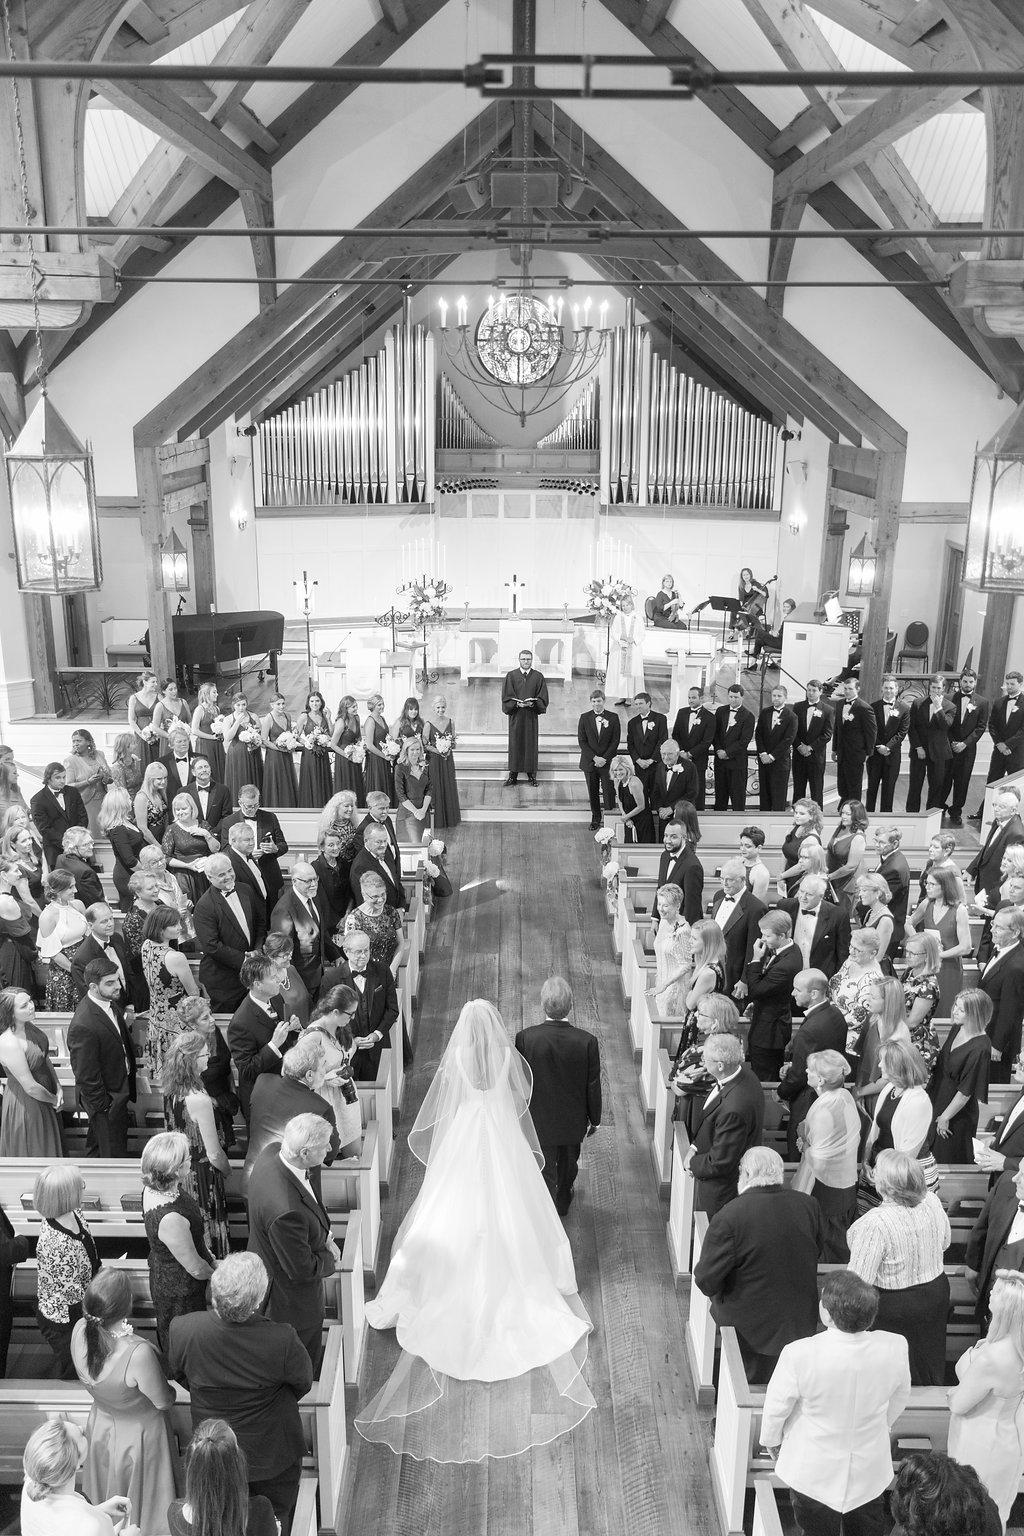 Gorgeous Wedding Ceremony Photos - Musgrove Plantation Georgia Wedding Venue